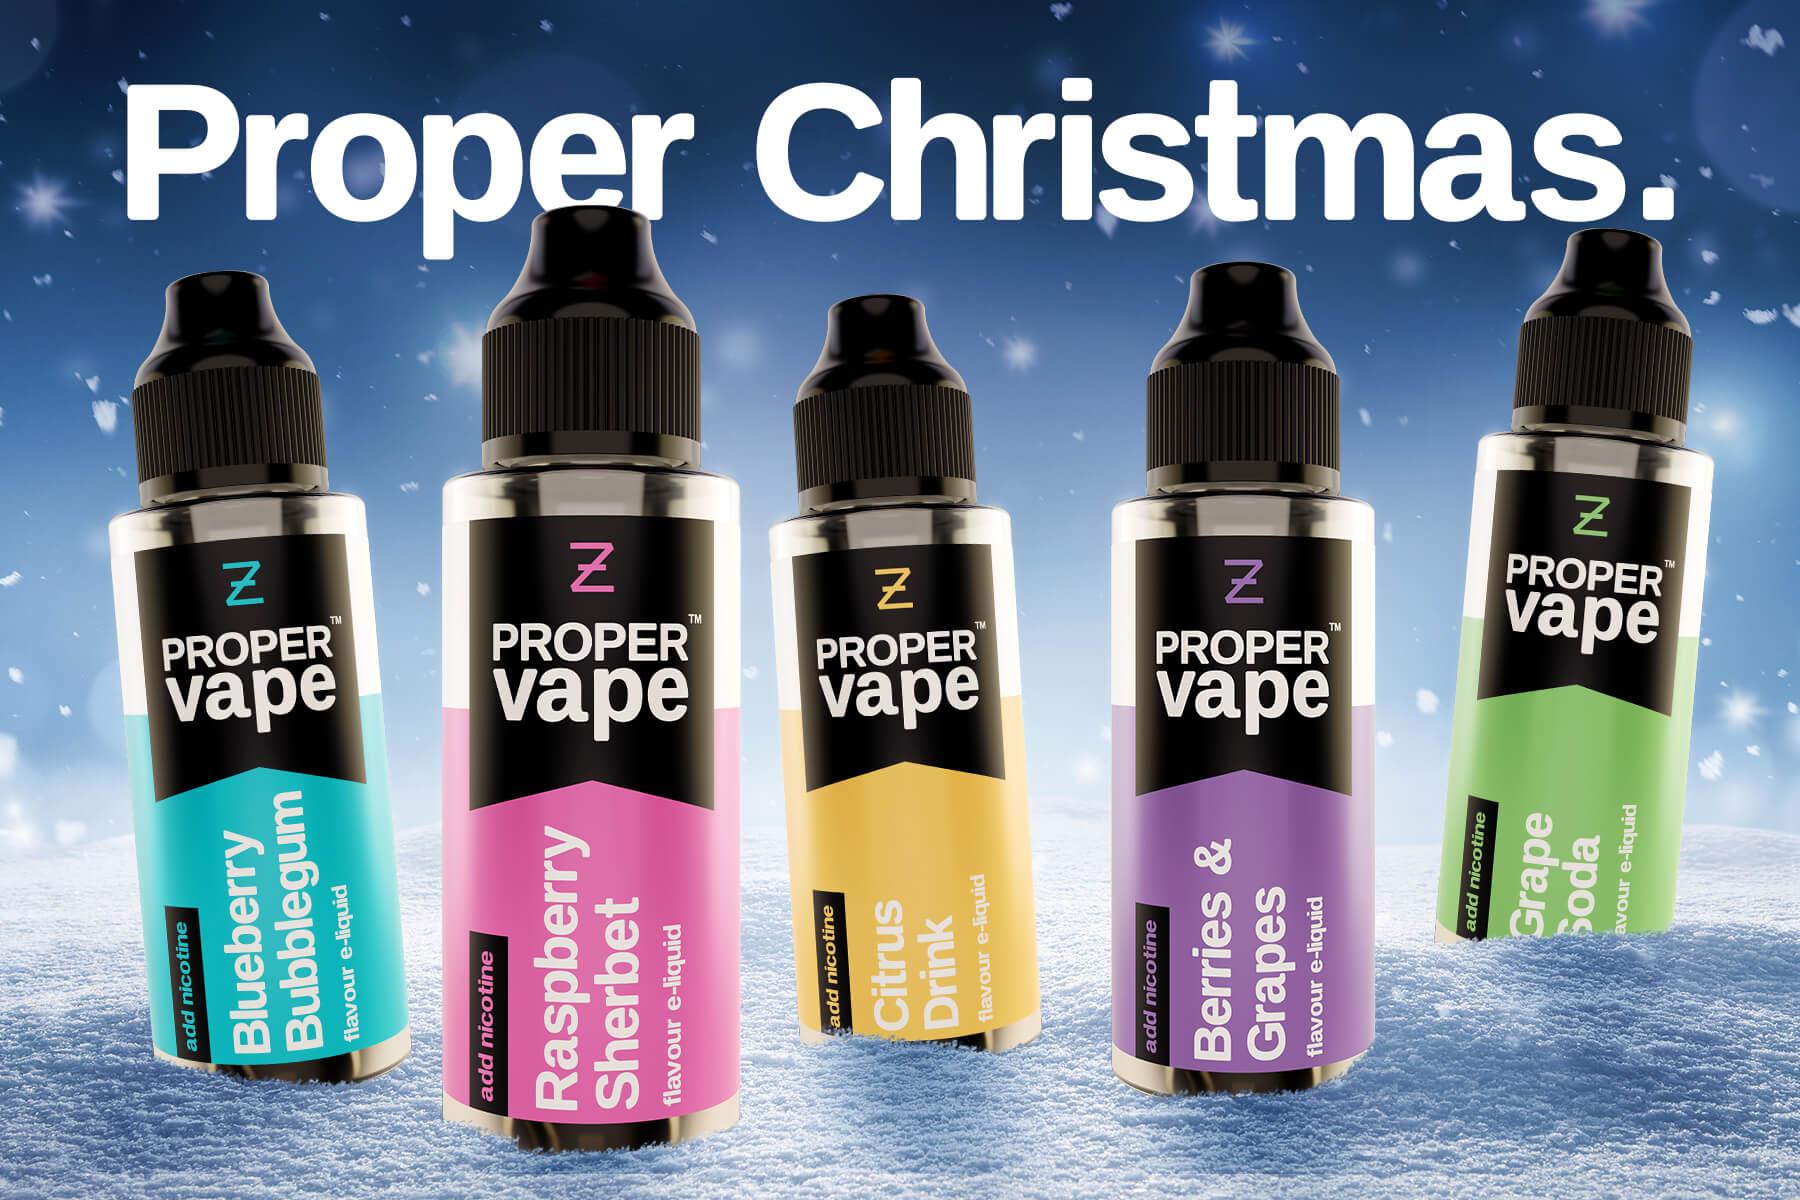 The Proper Vape product range